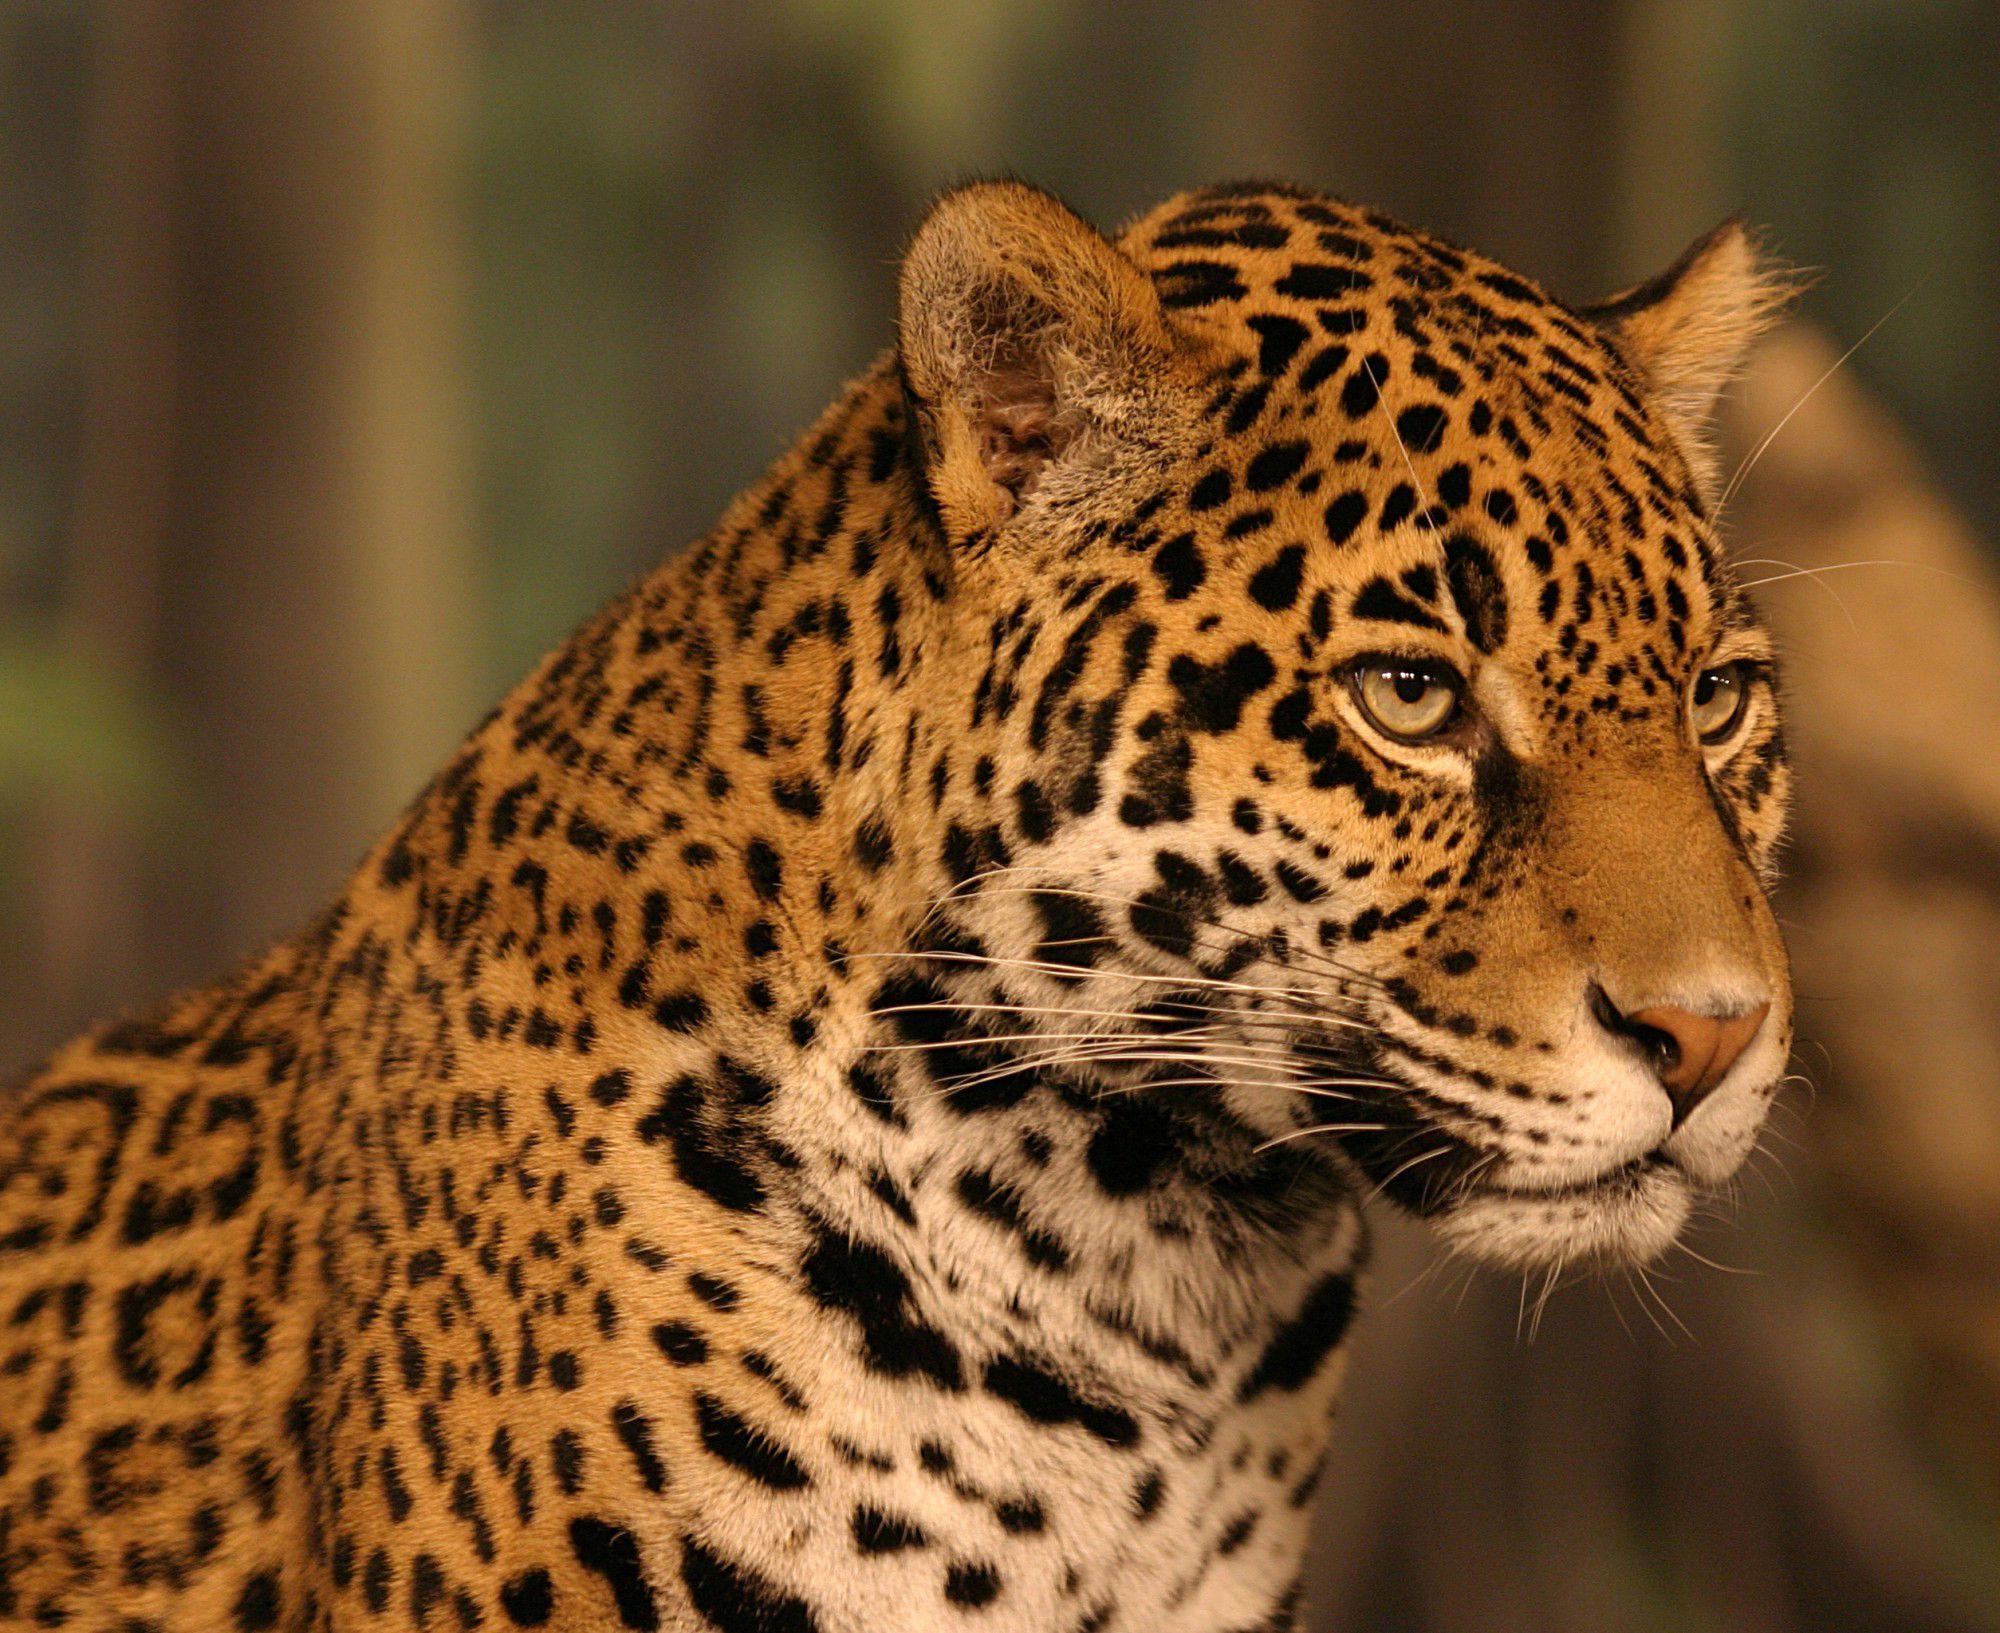 Jaguar Wallpapers HD - WallpaperSafari